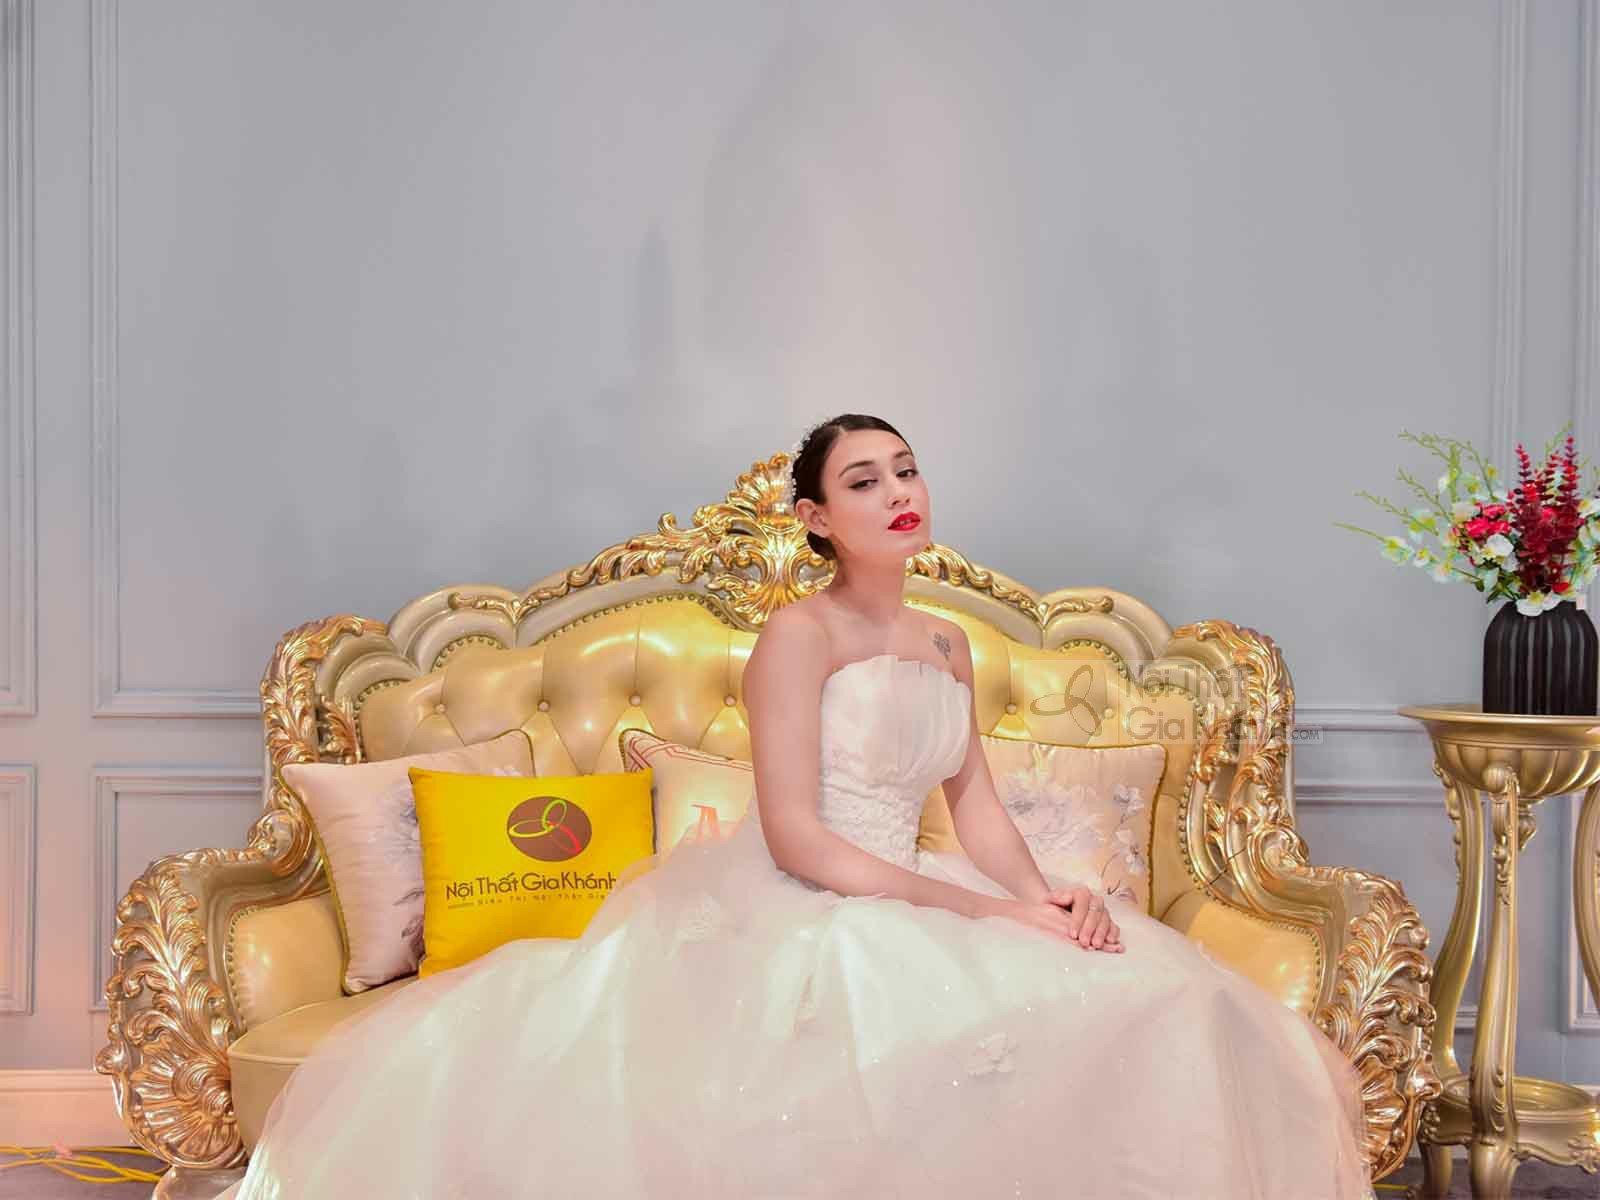 the diamond kin bo noi that dat gia nhat the gioi 20 - BỘ SOFA TÂN CỔ ĐIỂN ĐẮT GIÁ NHẤT VIỆT NAM - THE DIAMOND KING